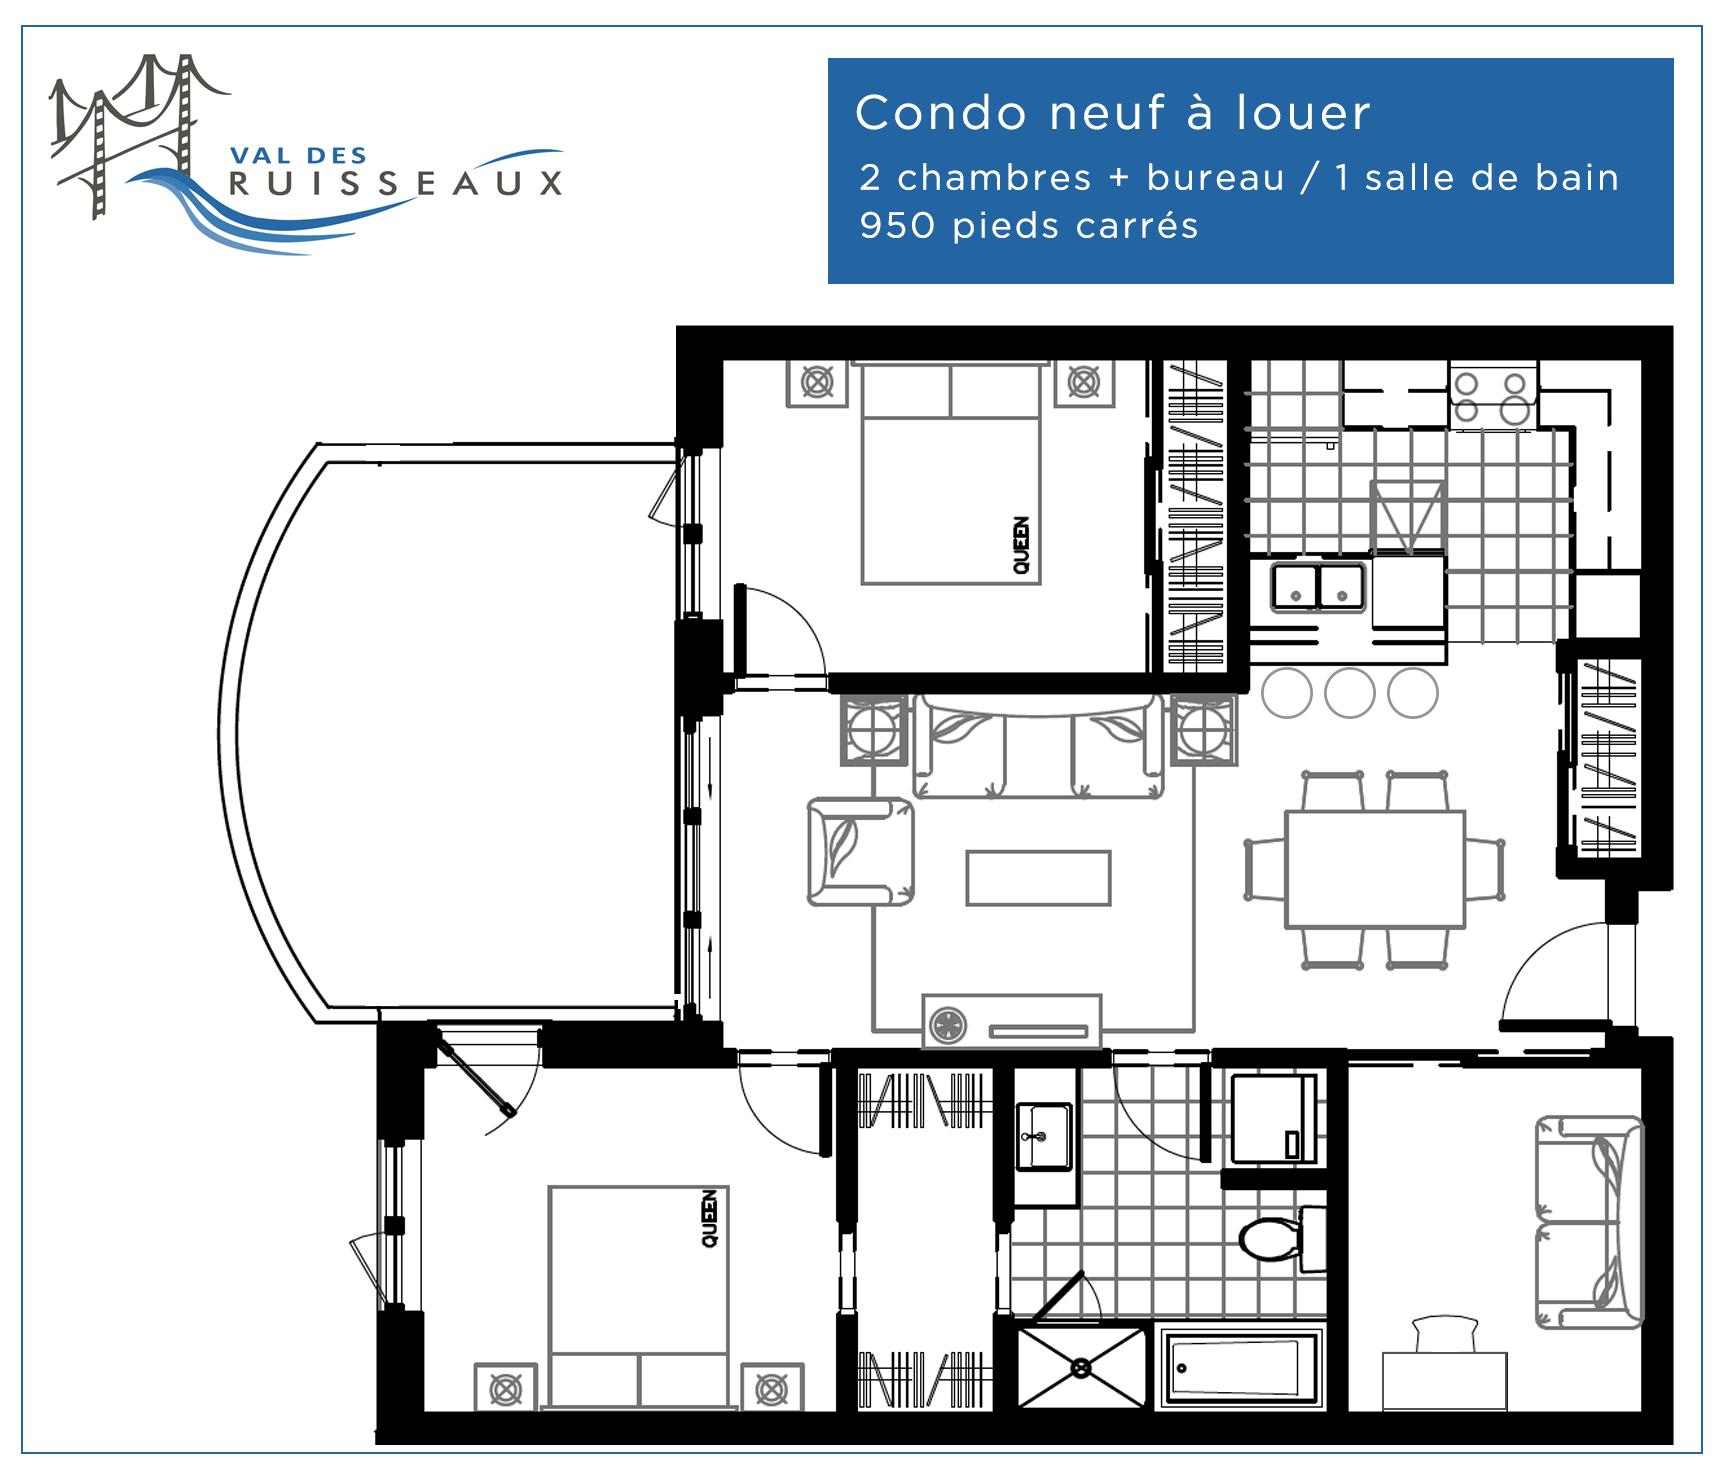 plans-vdr-2cac-950-v3